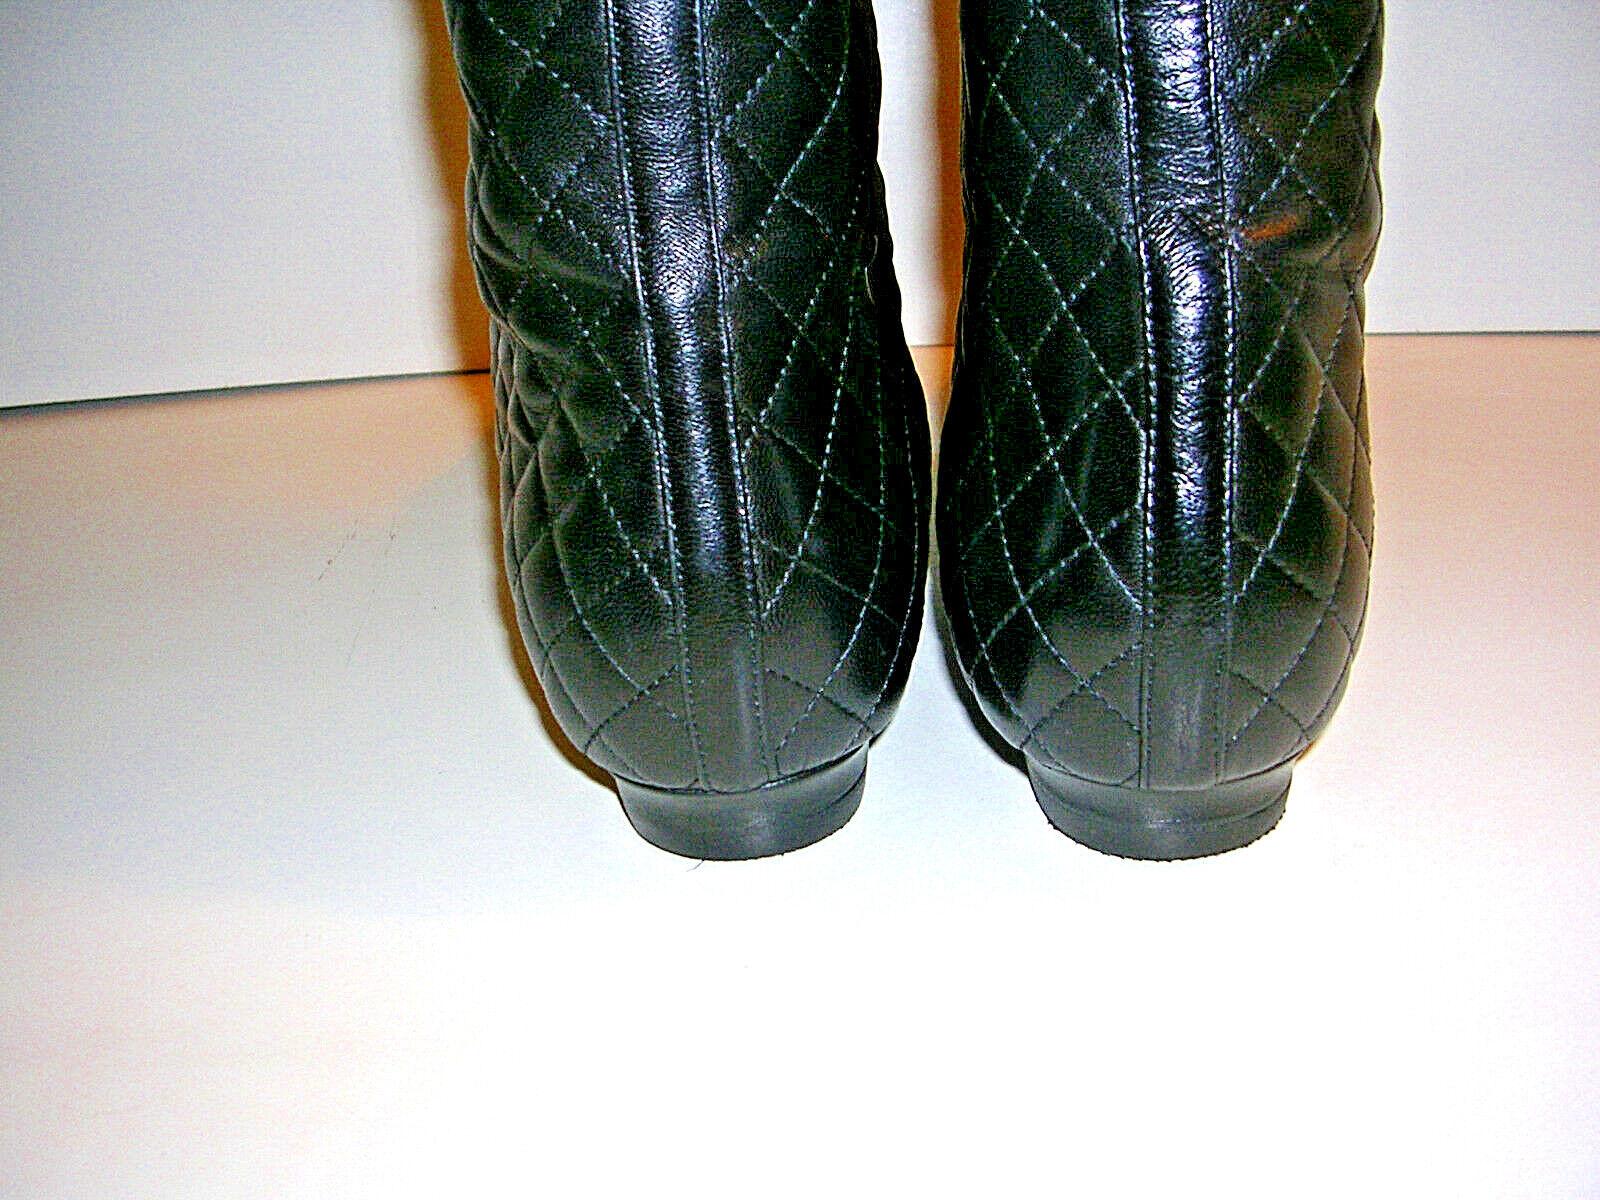 MANOLO BLAHNIK schwarz QUILTED NAPA LEATHER KNEE HIGH FLAT    Irie  Stiefel Größe 36 435cb1